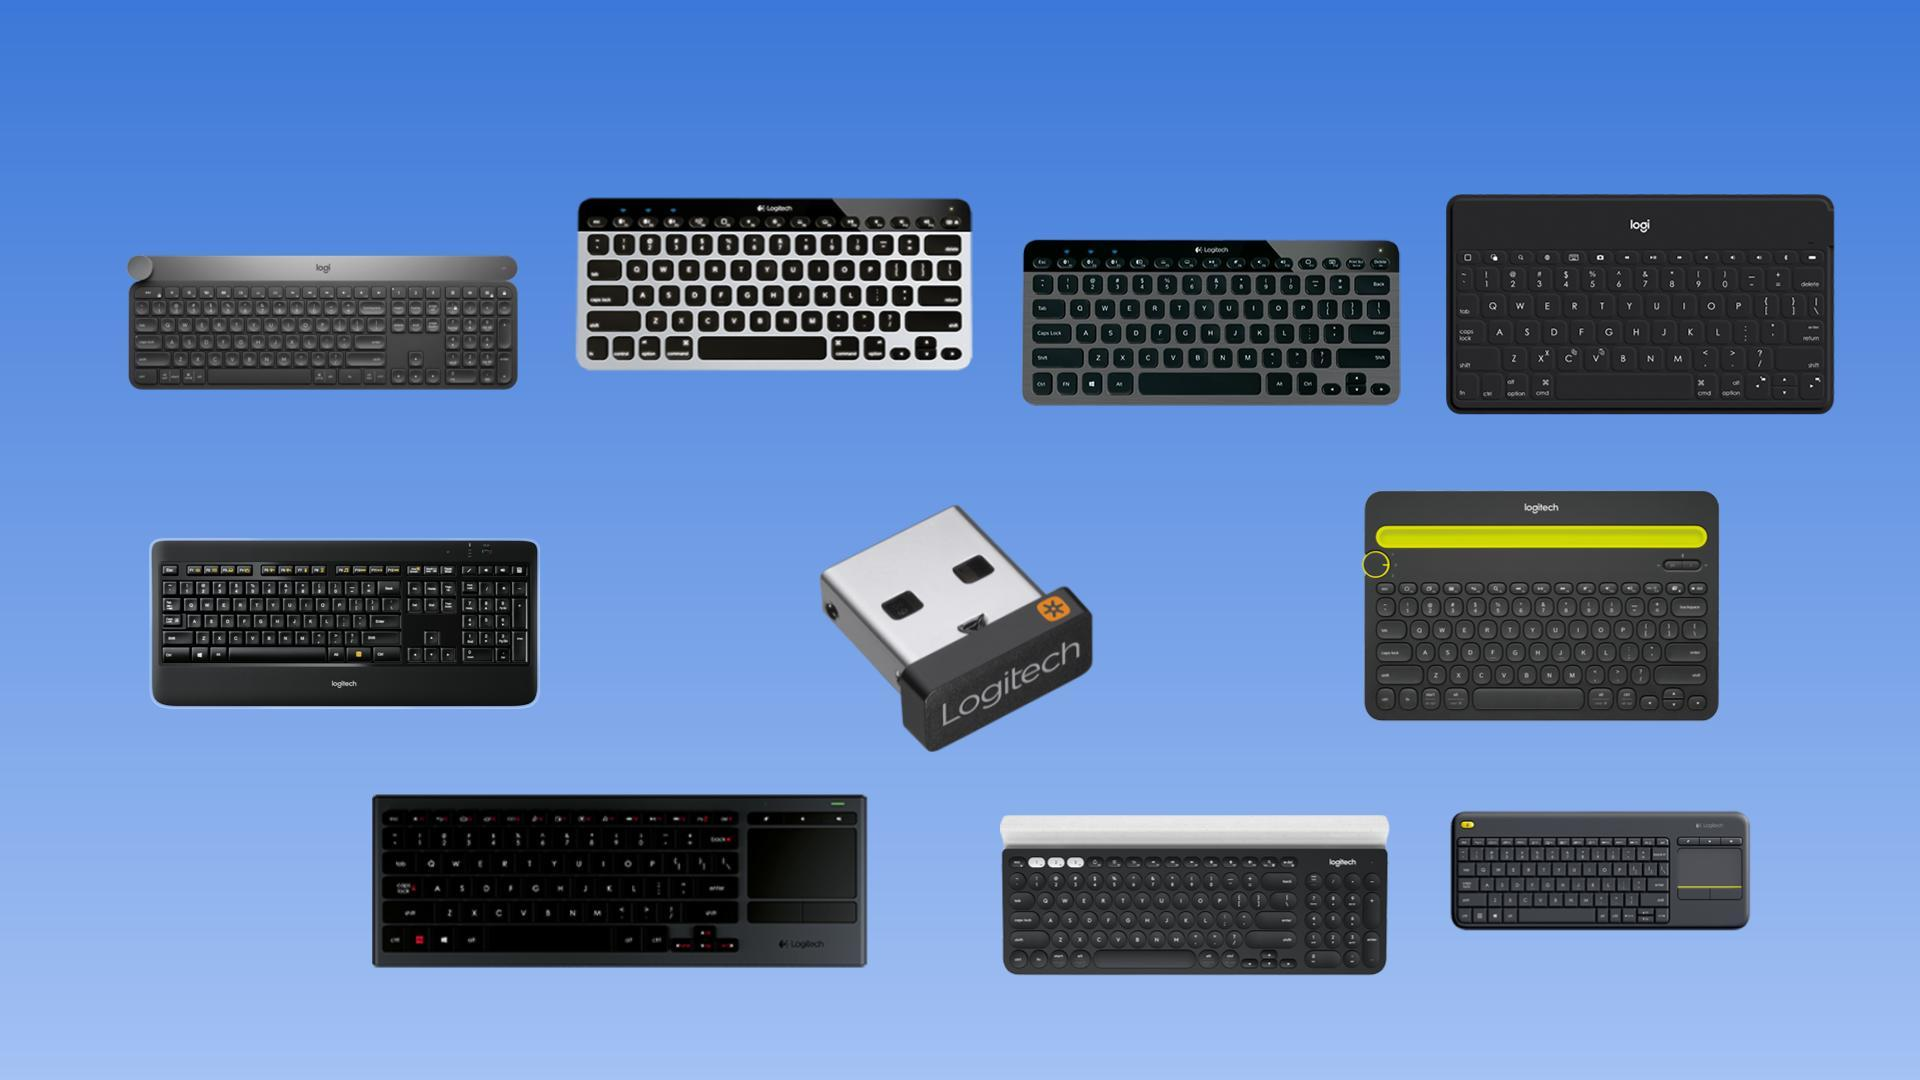 Comprendre et corriger la faille qui touche les souris et claviers sans fil Logitech lancés au cours des 10 dernières années